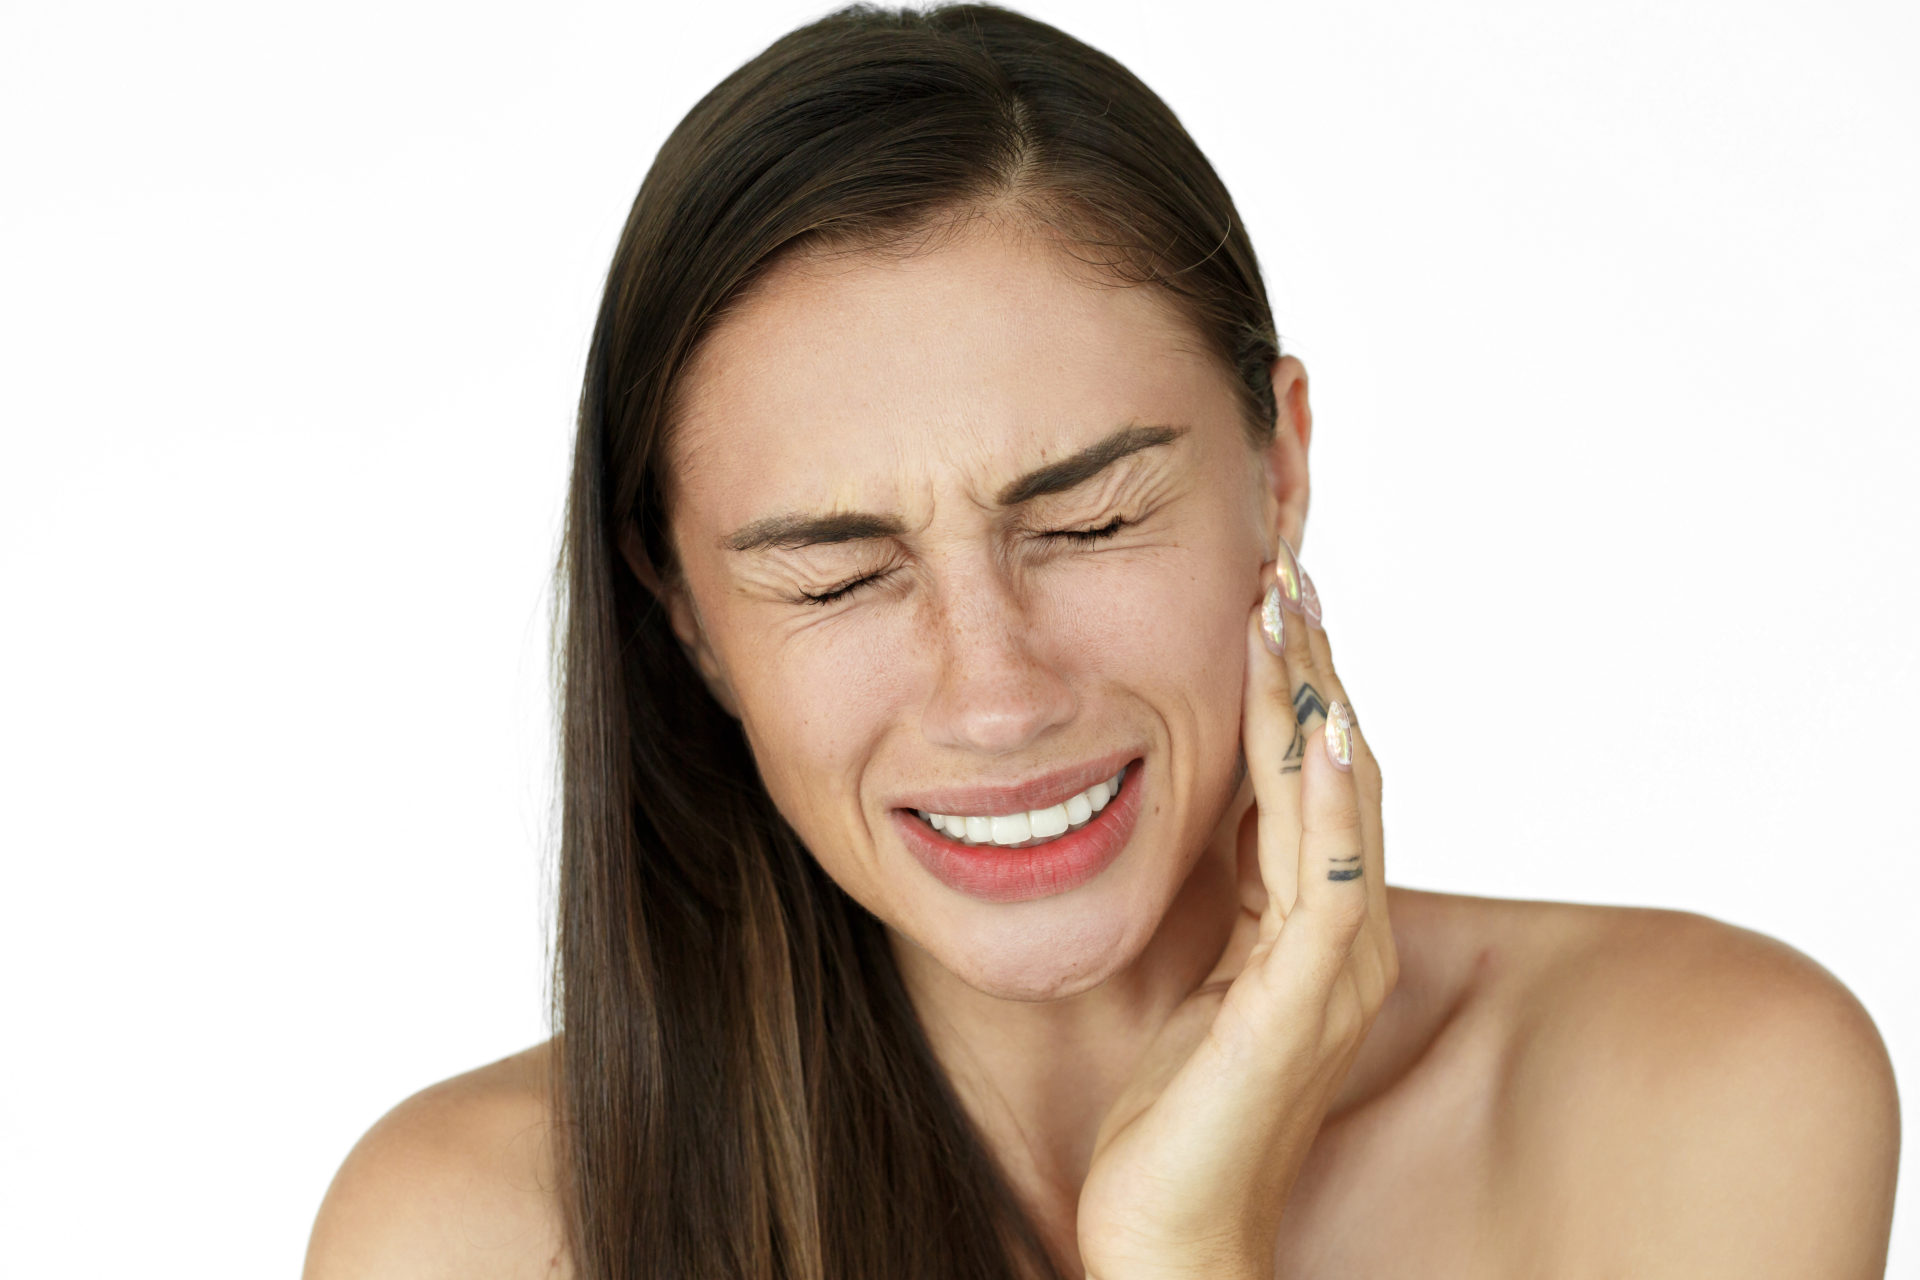 ¿Problemas a la hora de masticar? ¿Te faltan piezas dentales? Entonces necesitas un implante